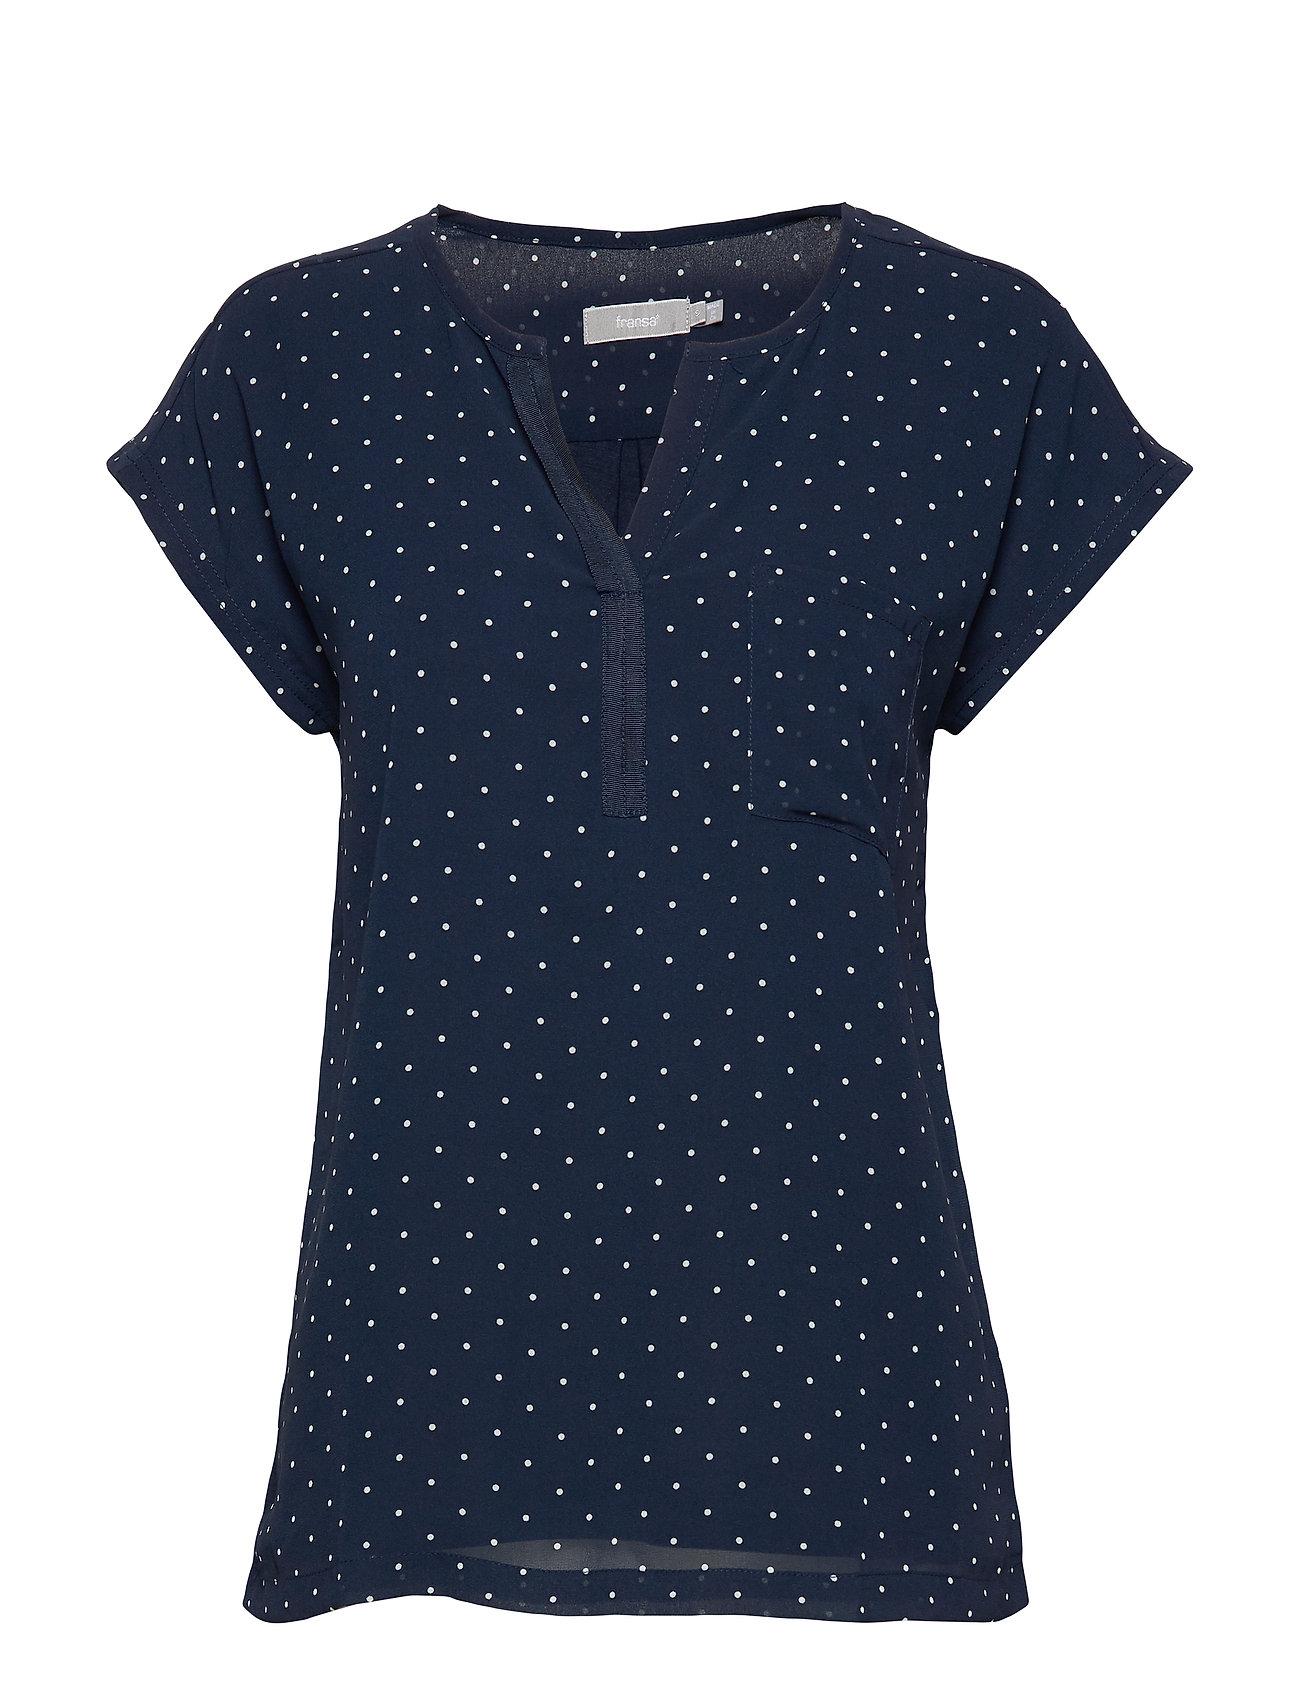 Image of Zawov 8 Top Blouses Short-sleeved Blå Fransa (3339884387)